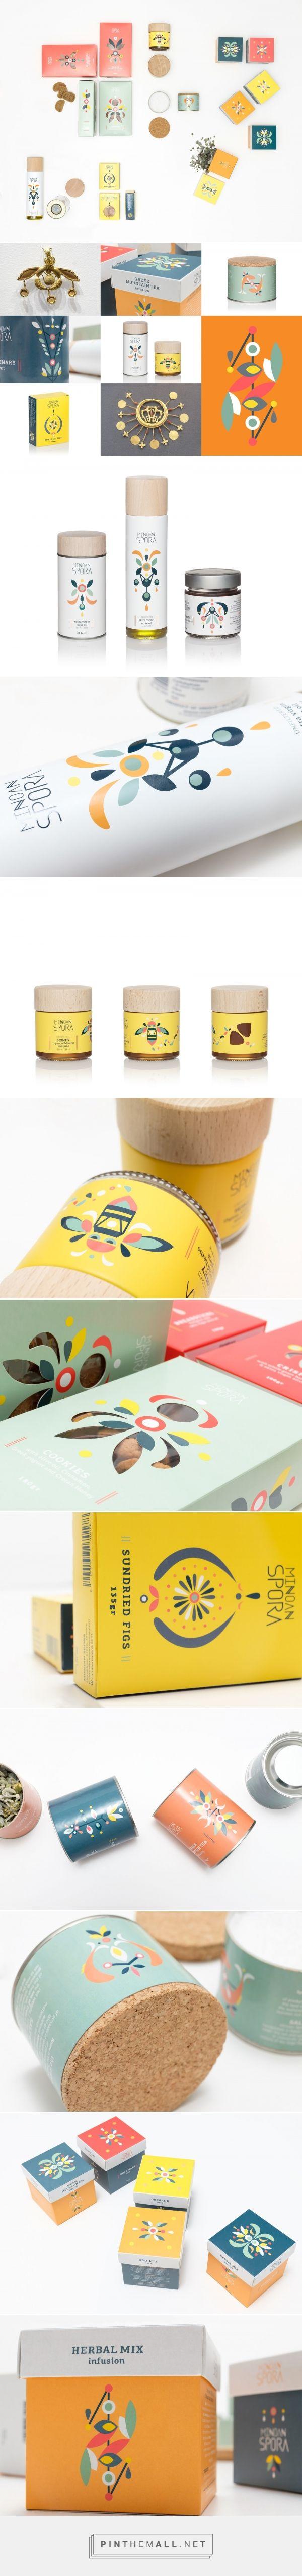 Minoan Spora packaging design by Lazy snail - http://www.packagingoftheworld.com/2017/01/minoan-spora.html